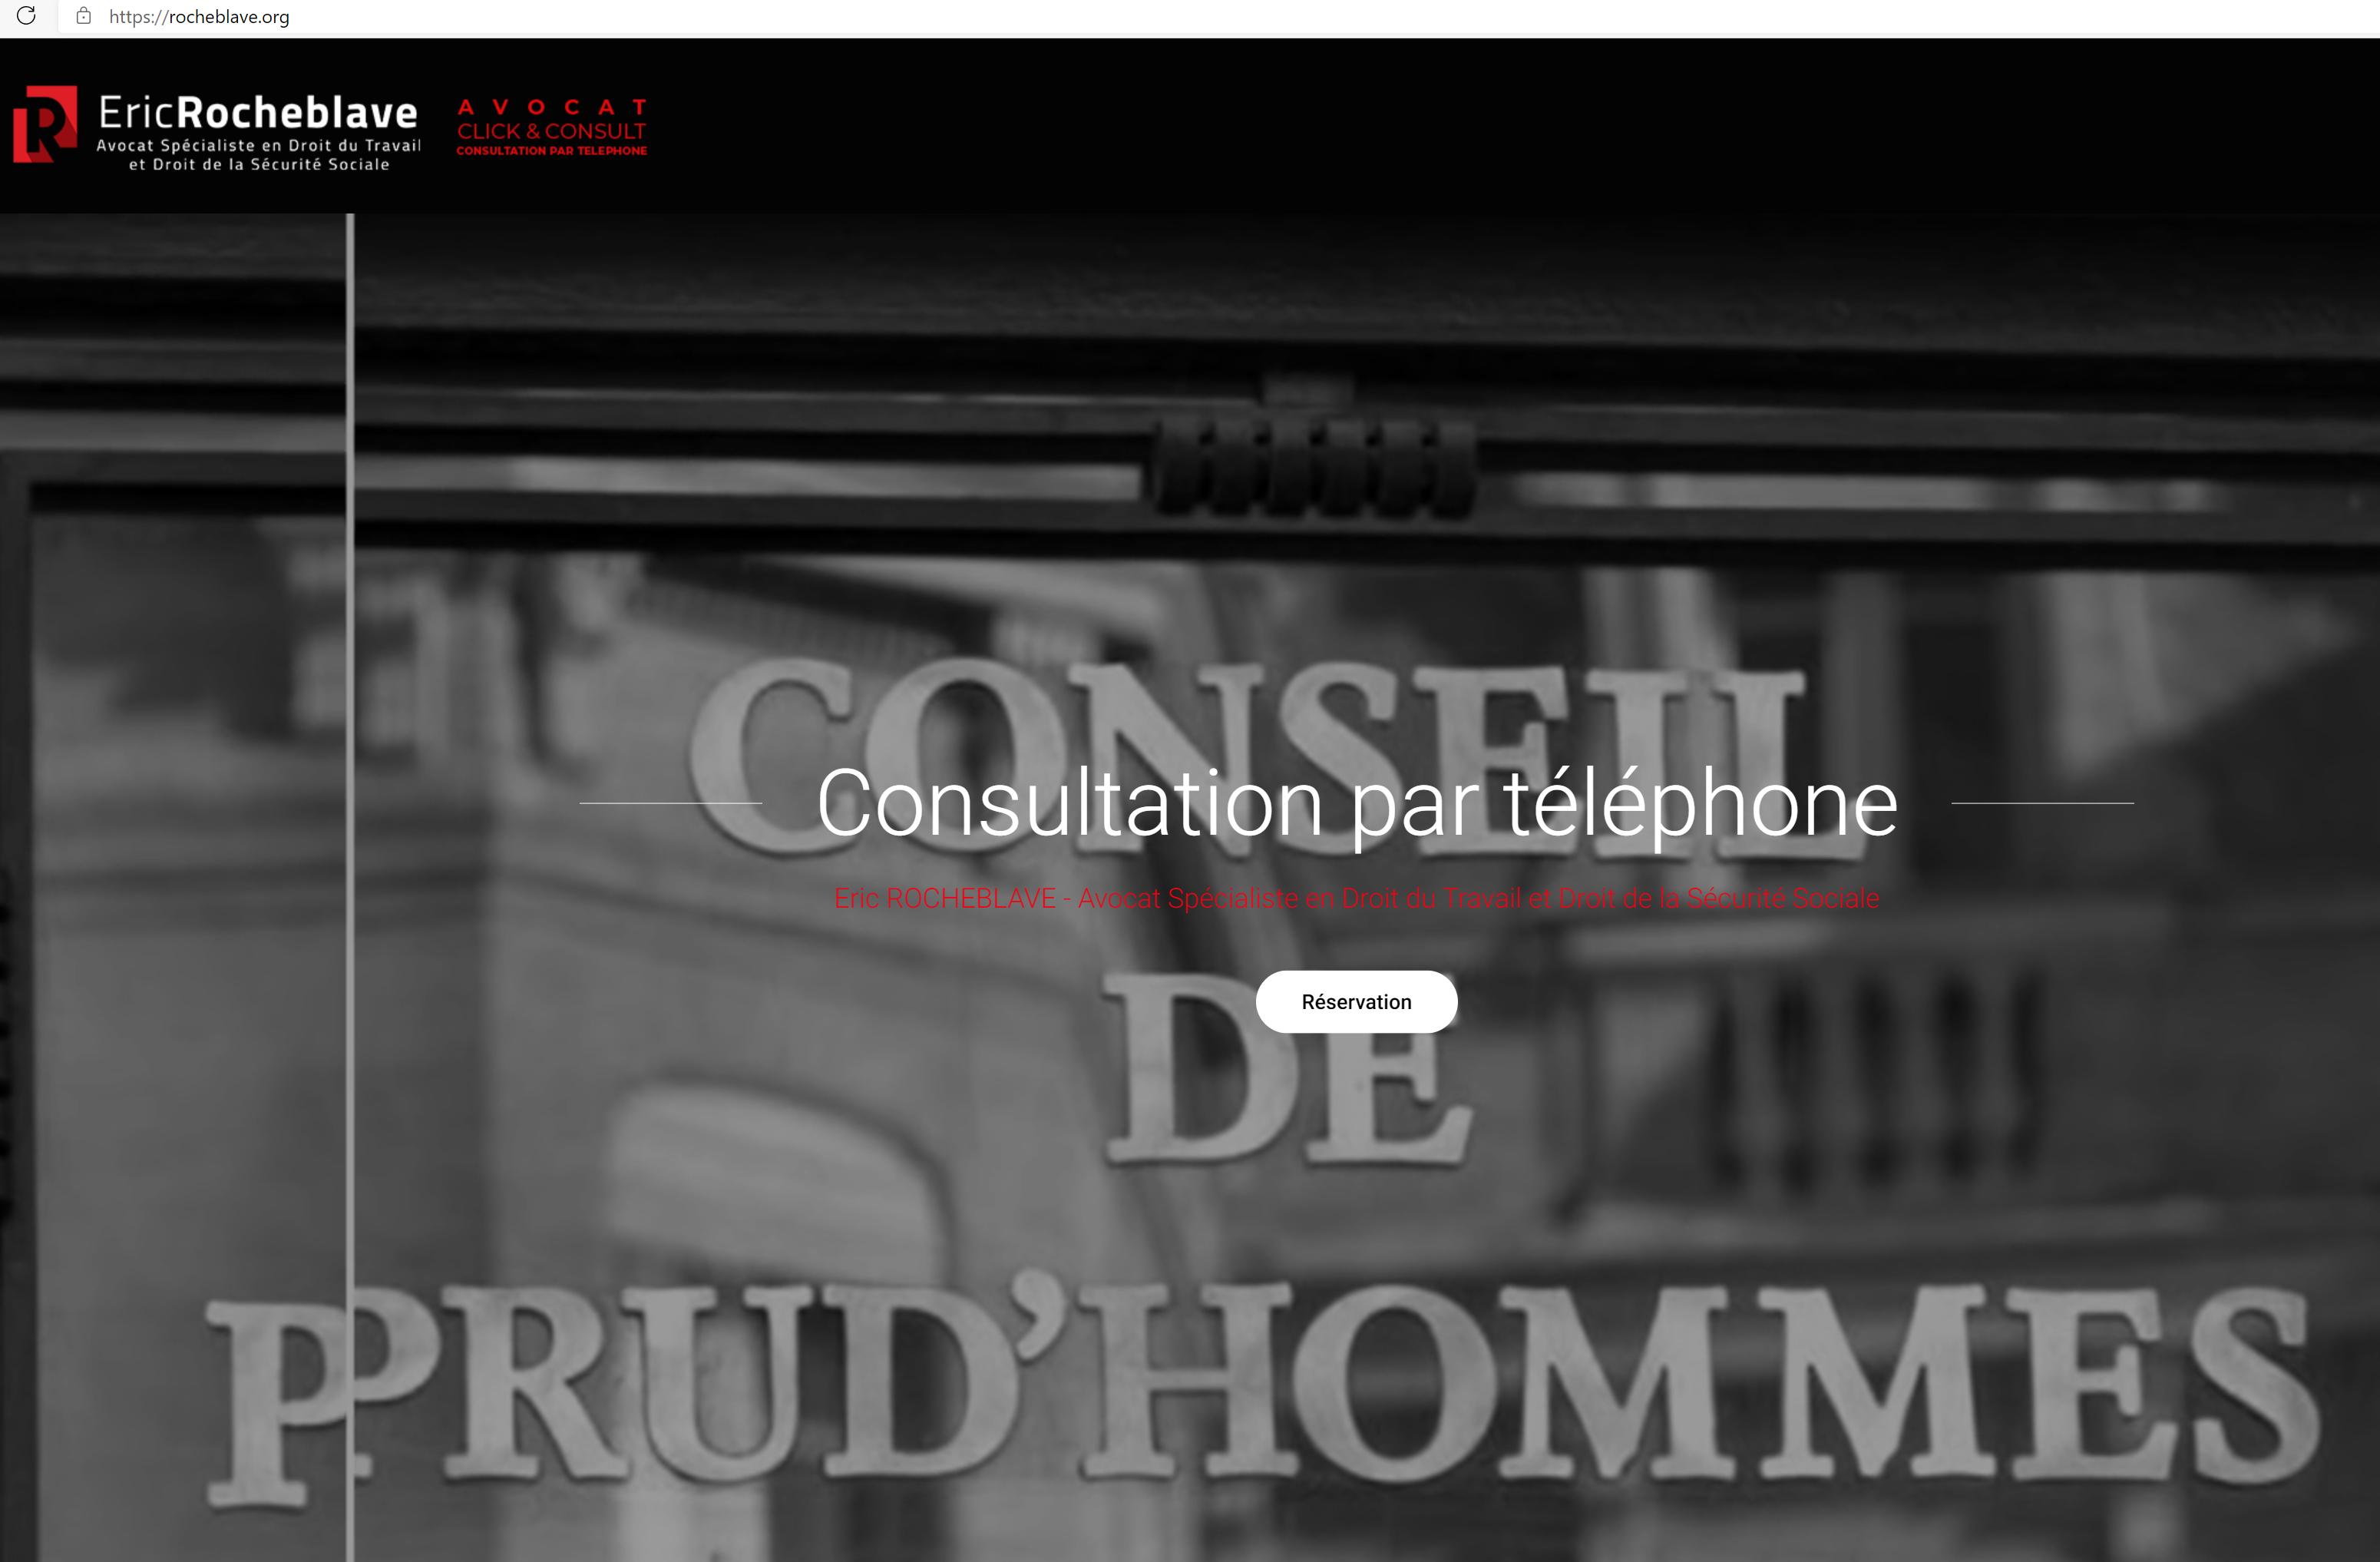 Avocat Click&Consult - Consultation par téléphone